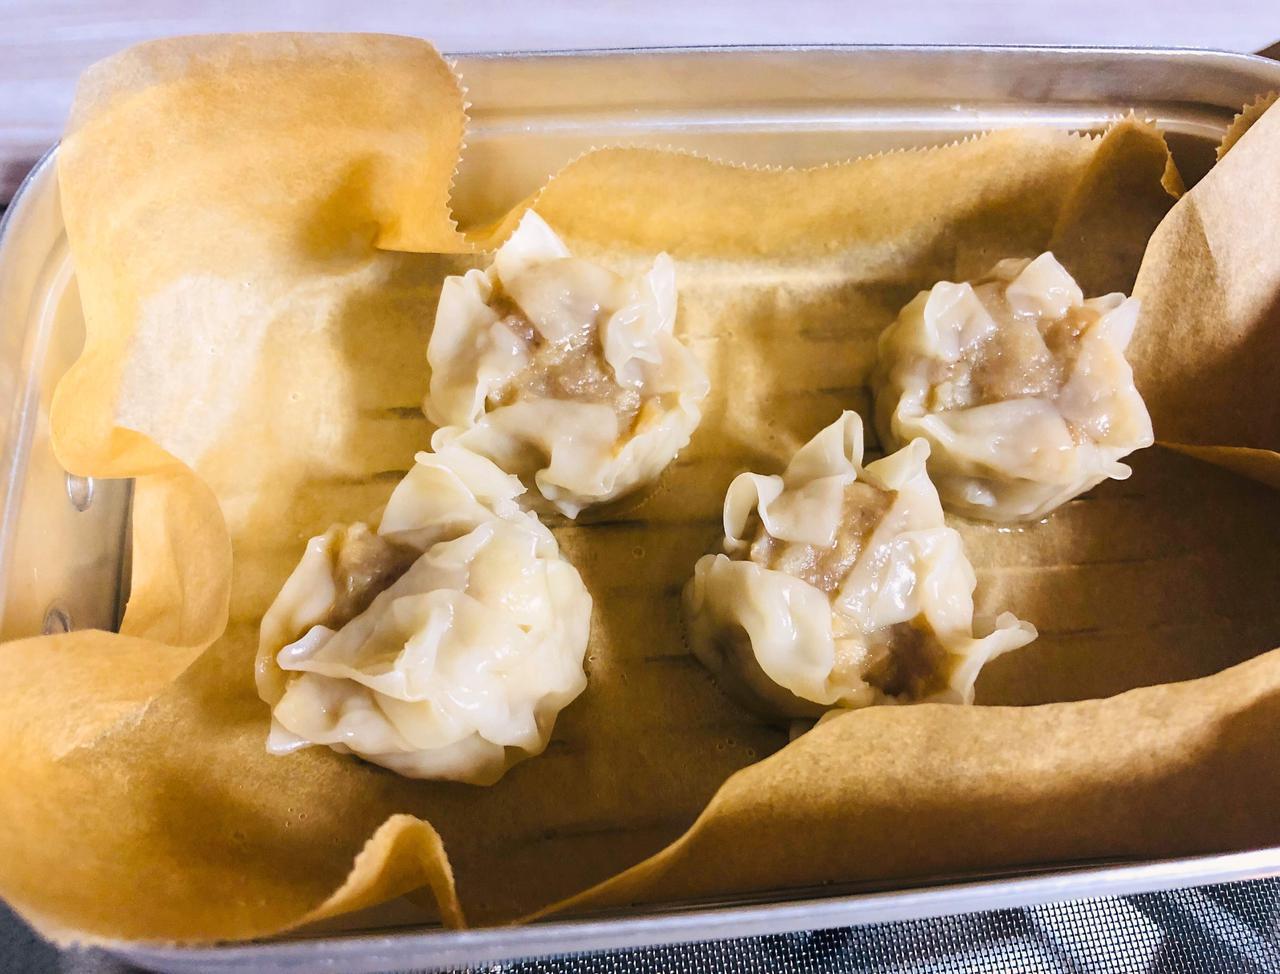 画像: 【お手軽レシピ】メスティンでしゅうまいを蒸す! 初めてでも簡単おいしいキャンプ飯 - ハピキャン(HAPPY CAMPER)